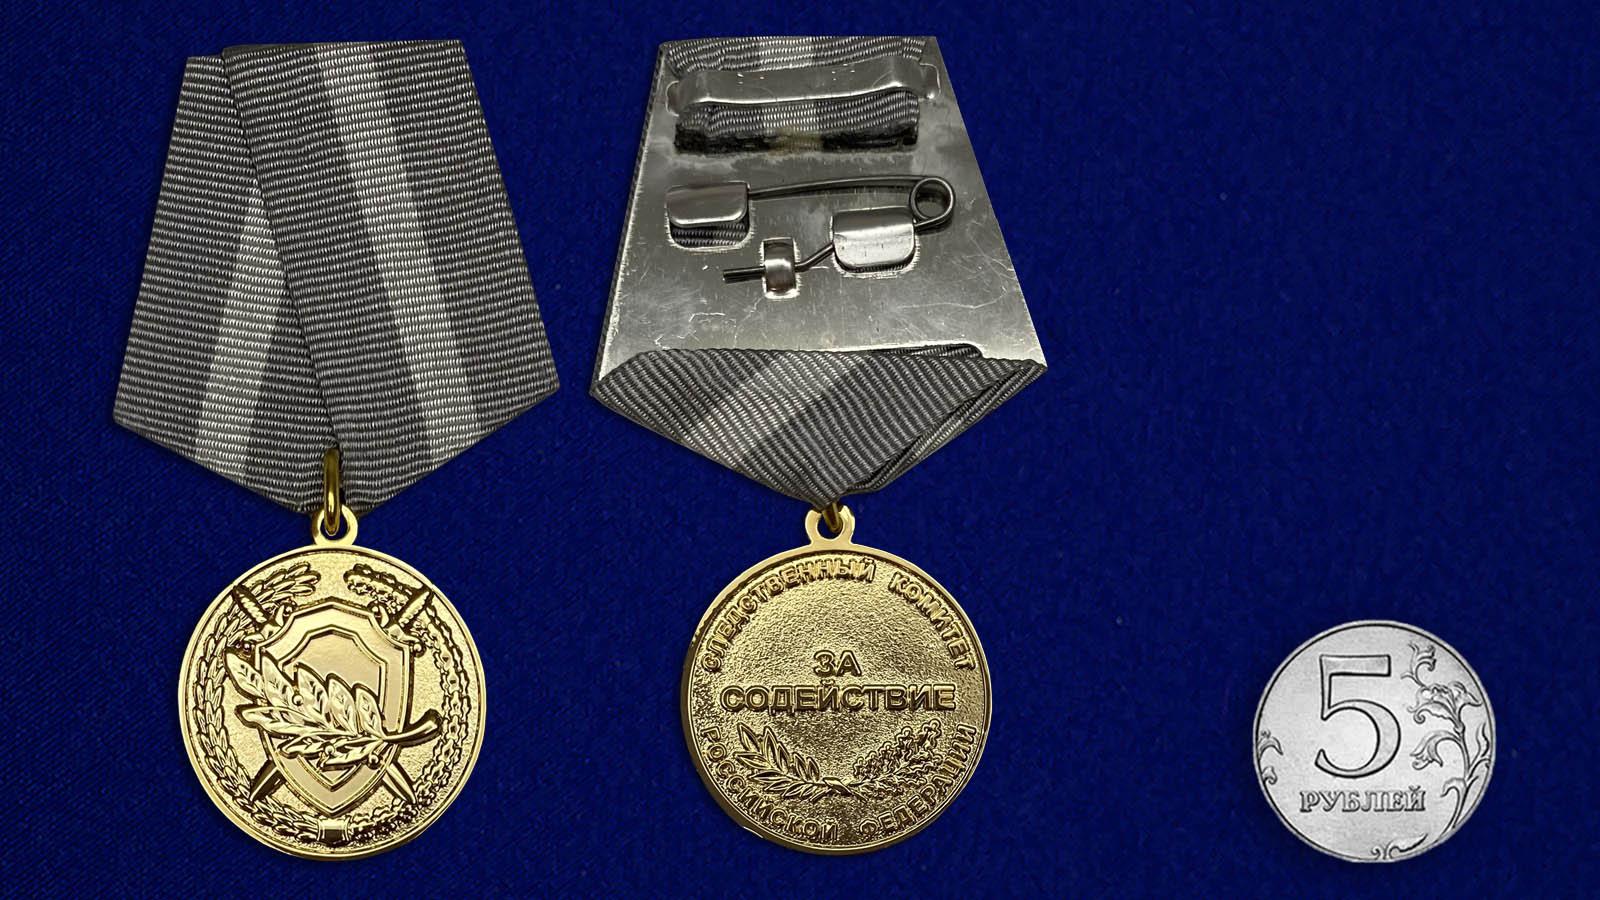 Медаль СК России За содействие - сравнительный вид